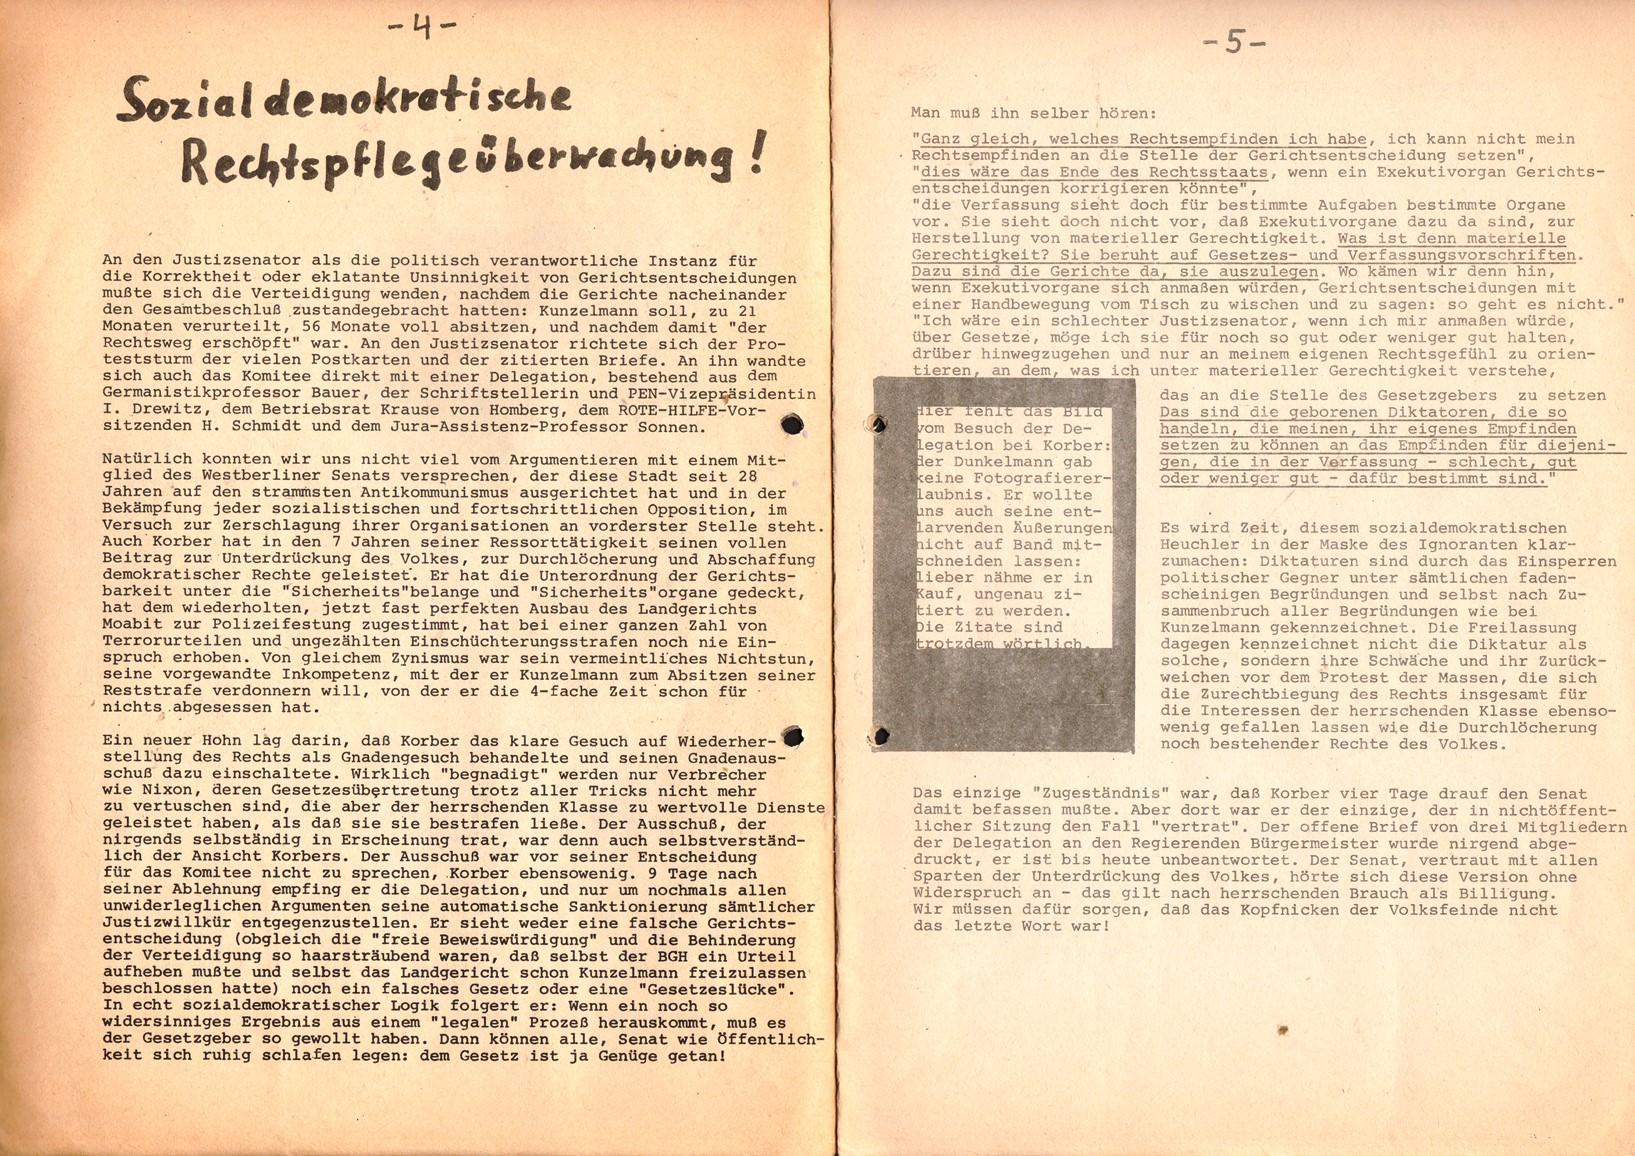 Berlin_RH_1974_Doku_Kunzelmann_2_03